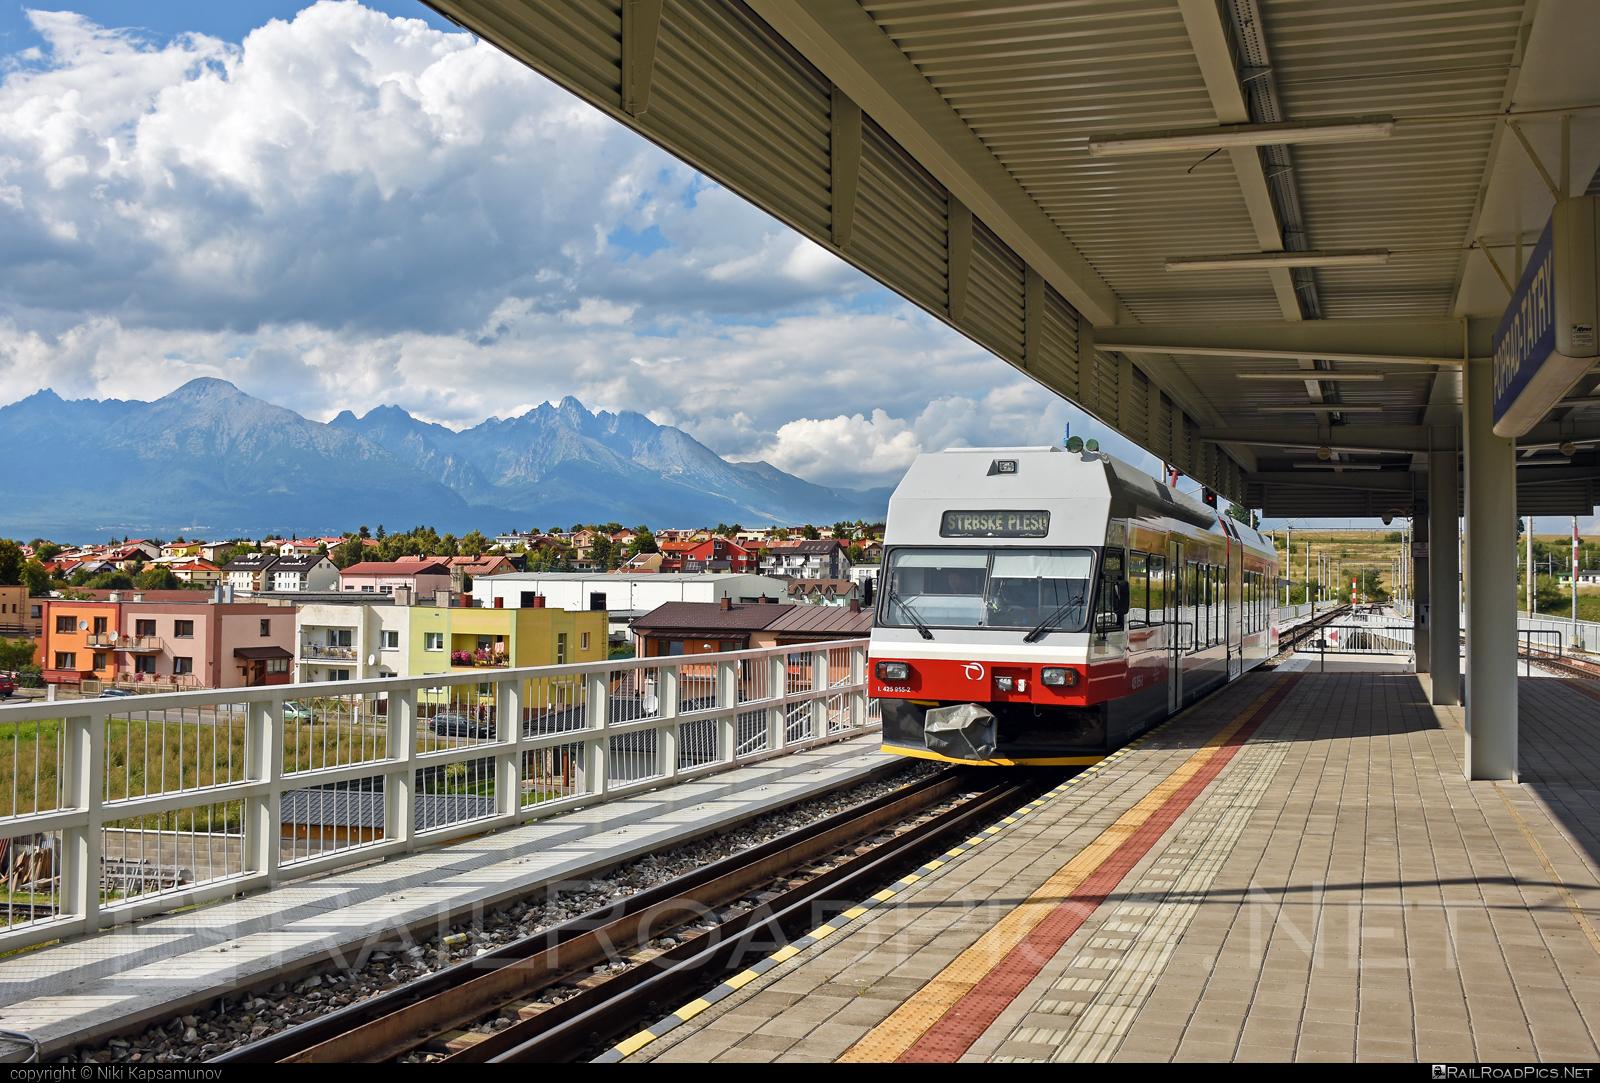 GTW Vysoké Tatry Class 425.95 - 425 955-2 operated by Železničná Spoločnost' Slovensko, a.s. #ZeleznicnaSpolocnostSlovensko #gtw26 #gtwvysoketatry #tetrapack #tez #zssk #zssk425 #zssk42595